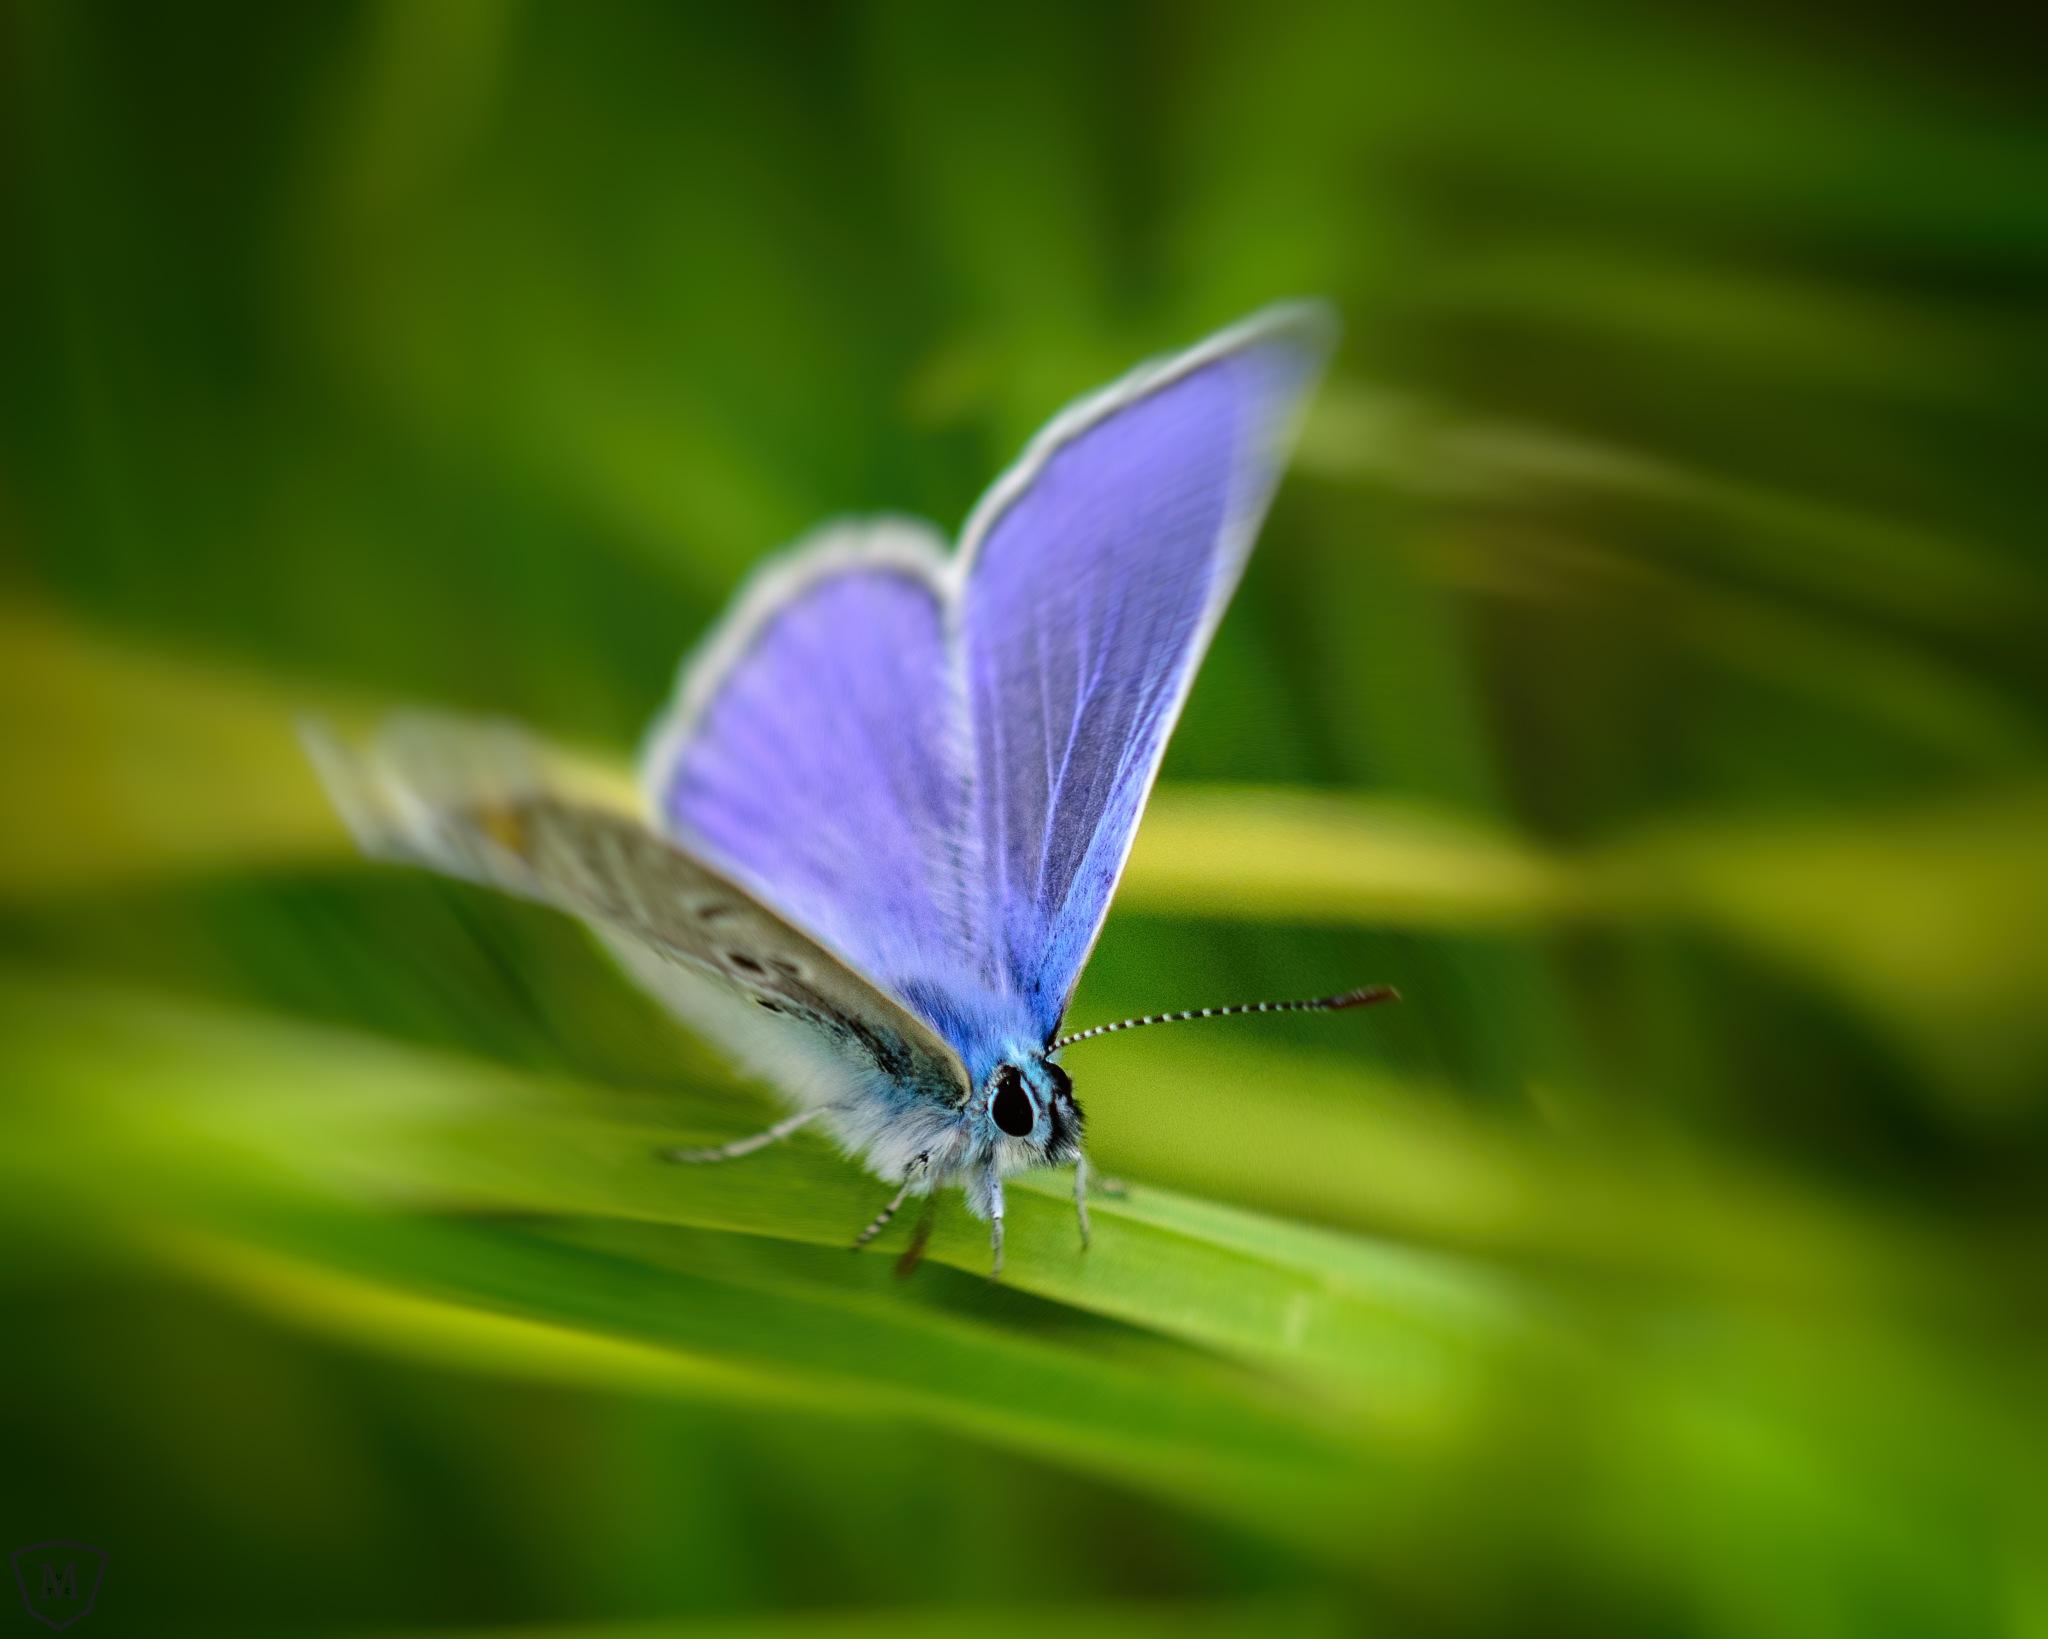 Butterfly by Martin Mutz